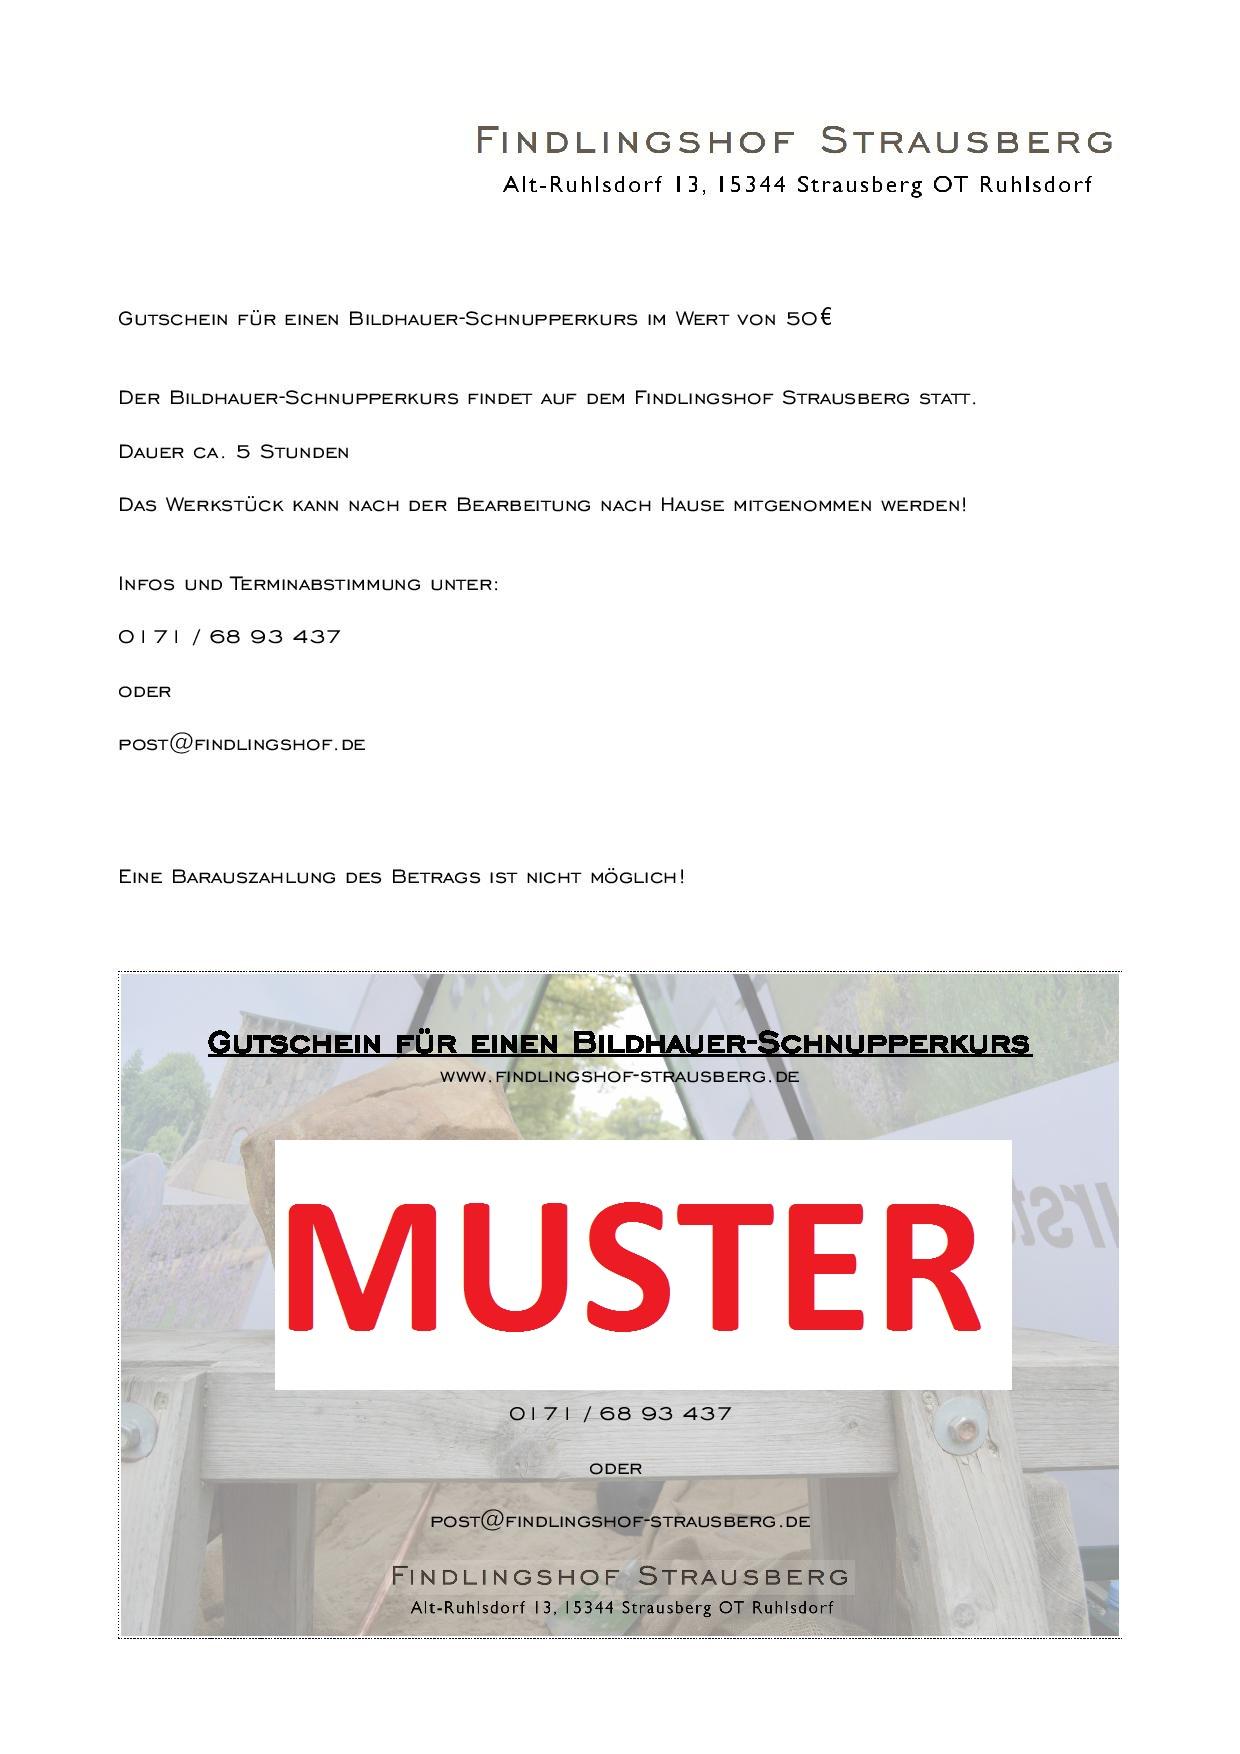 Gutschein_Bildhauer_Schnupperkurs